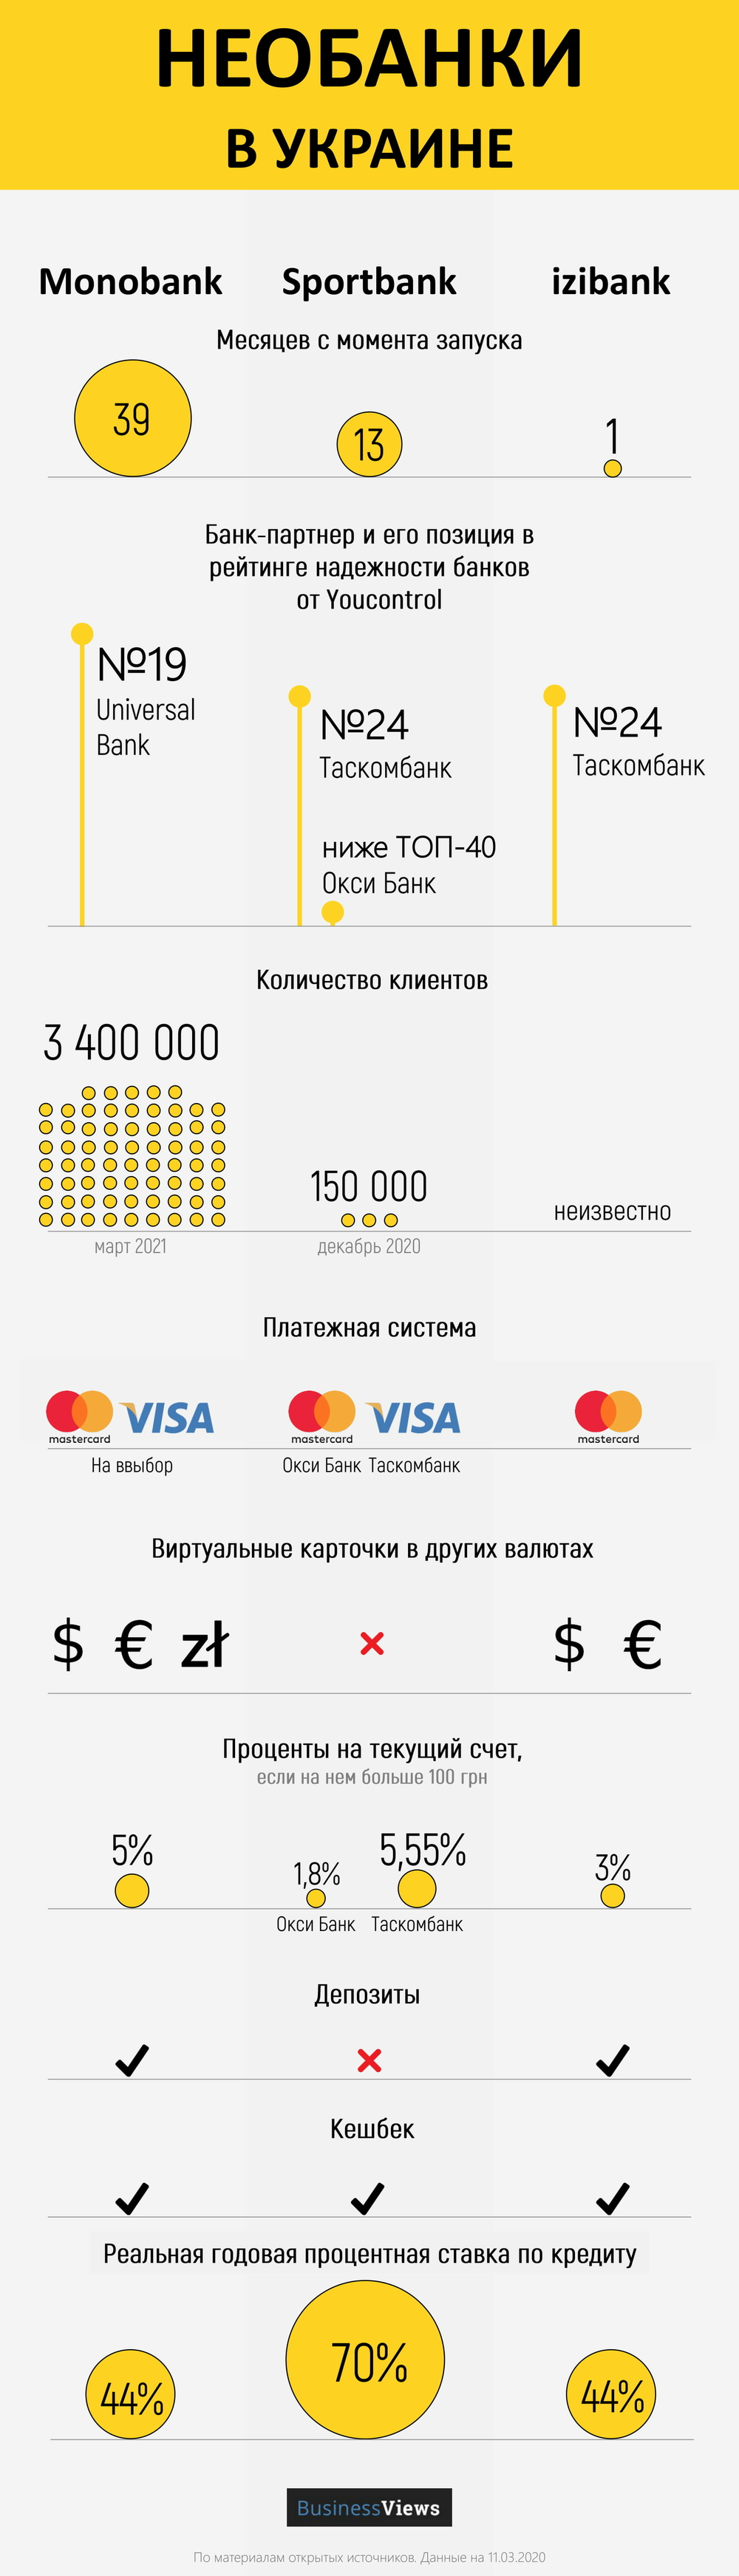 сравнение мобильных банков Украины